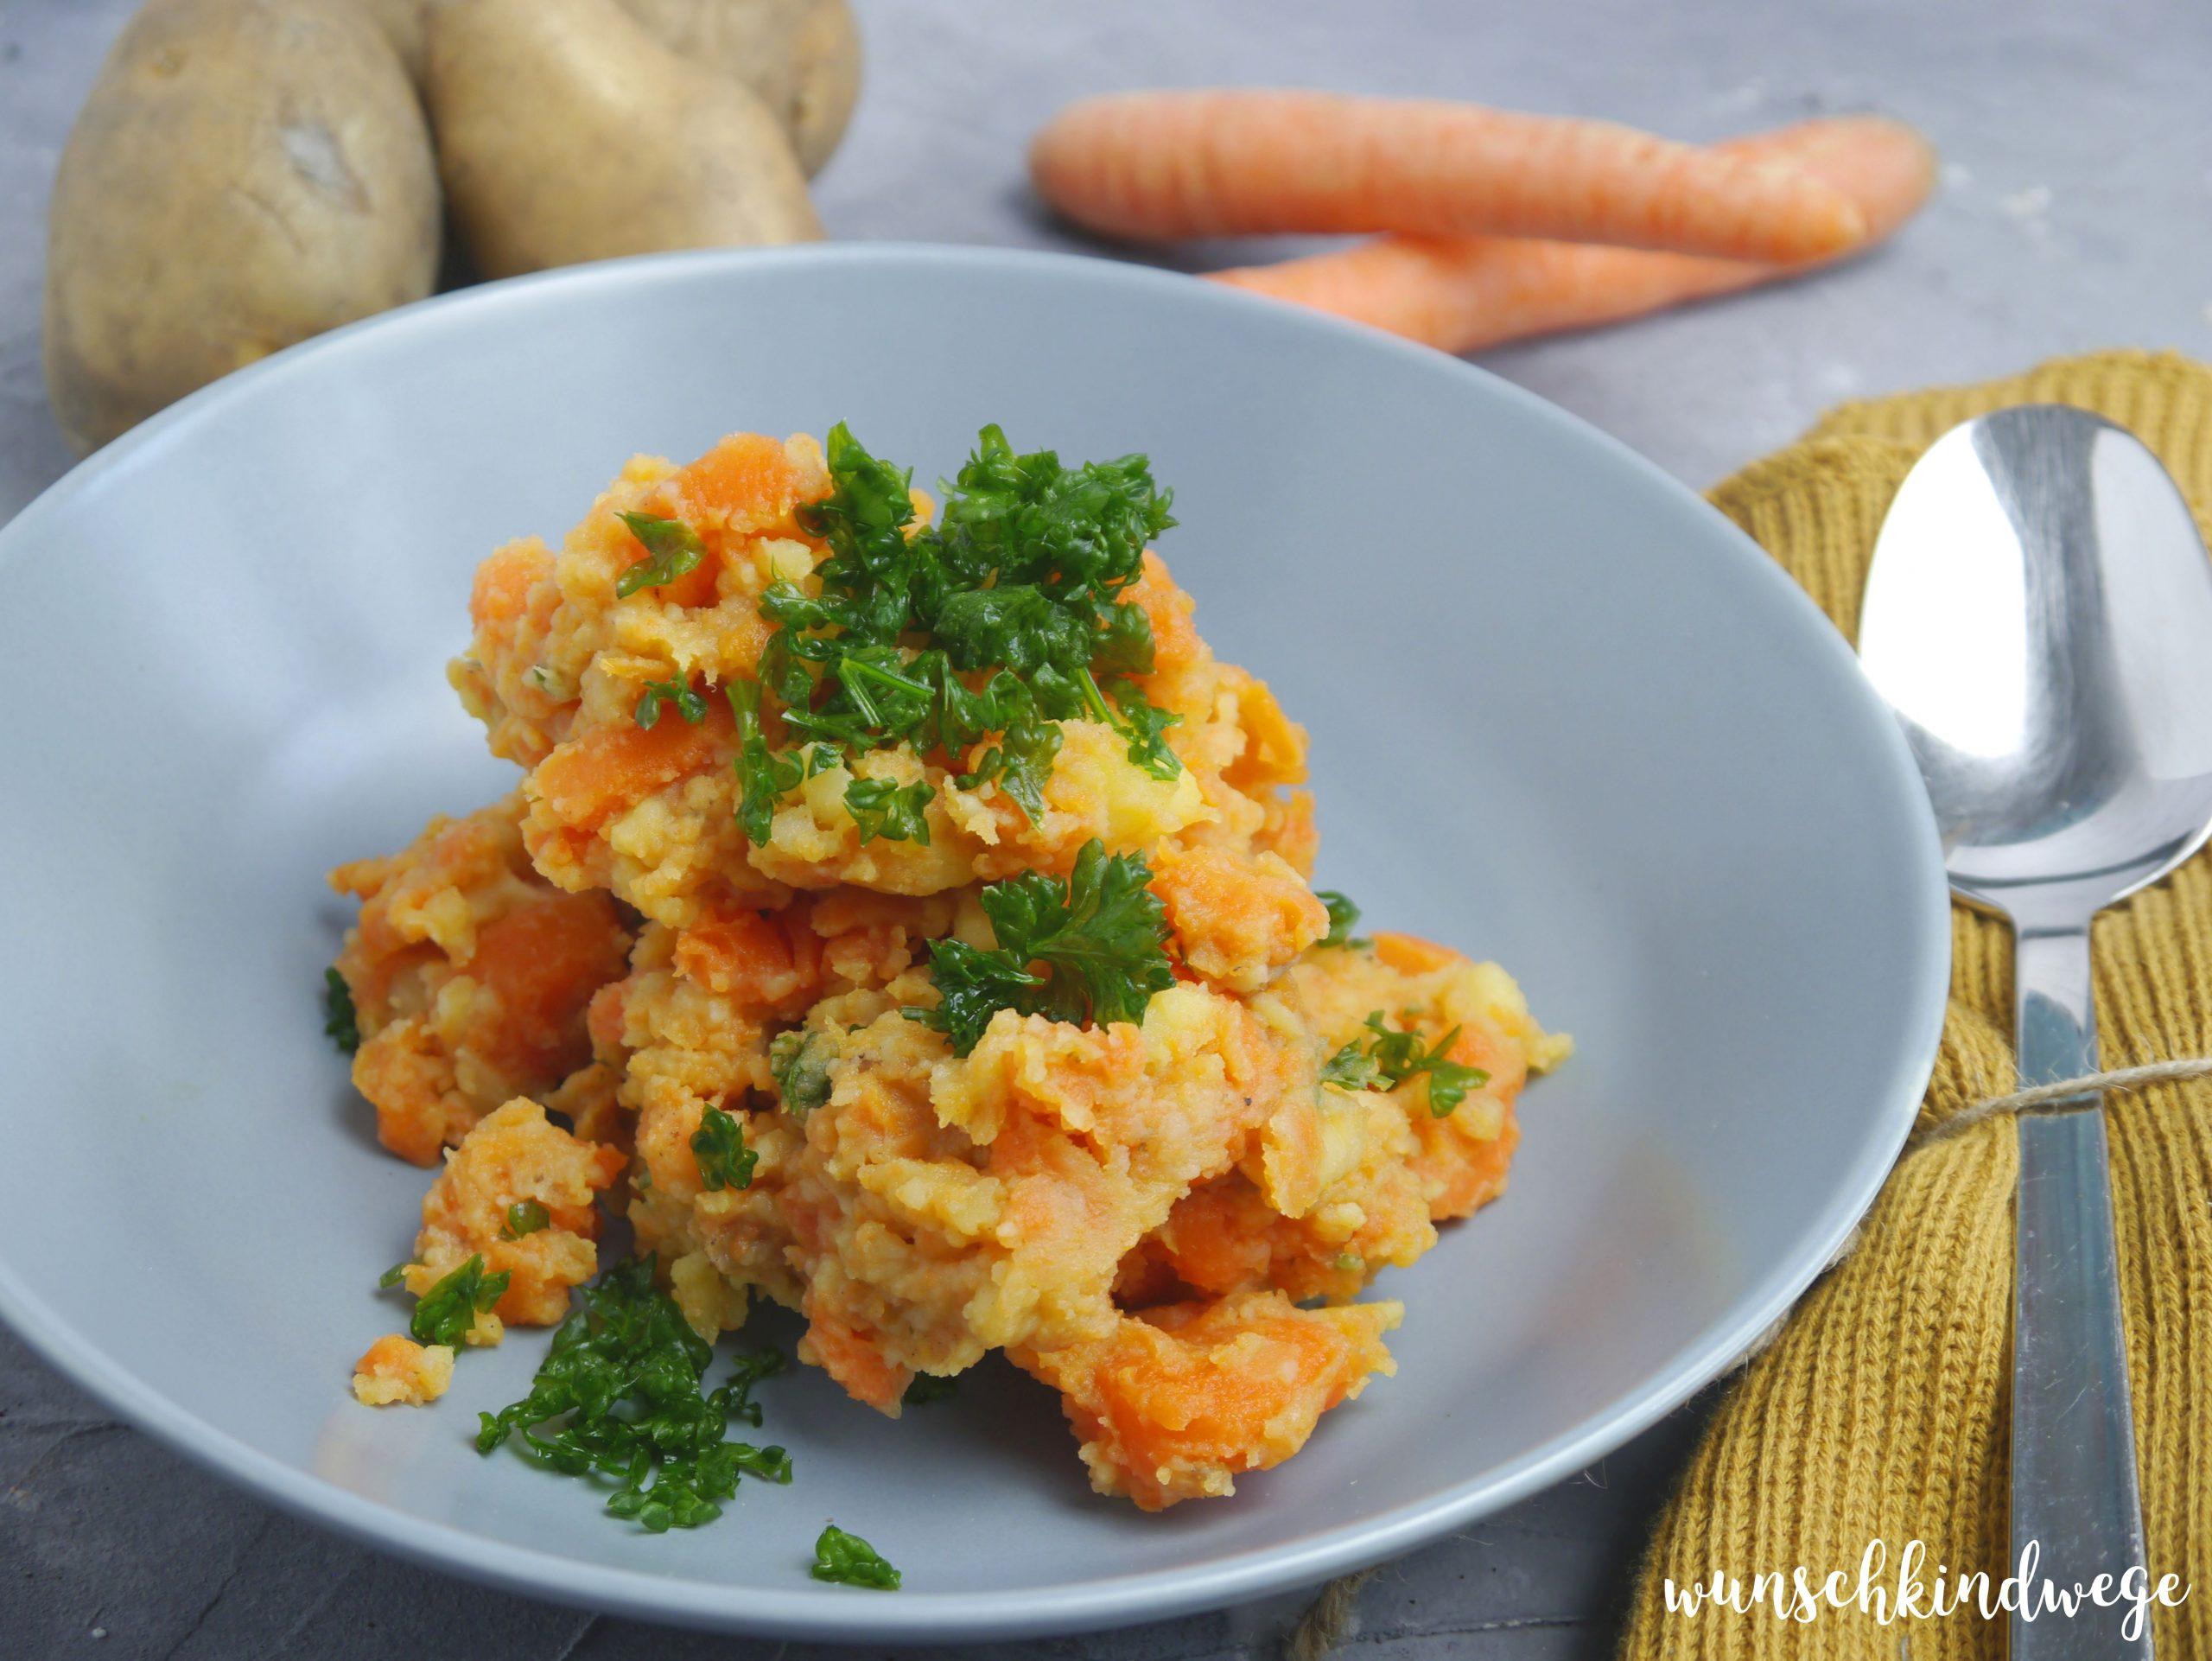 einfaches Rezept Möhrengemüse mit Kartoffeln vegetarisch